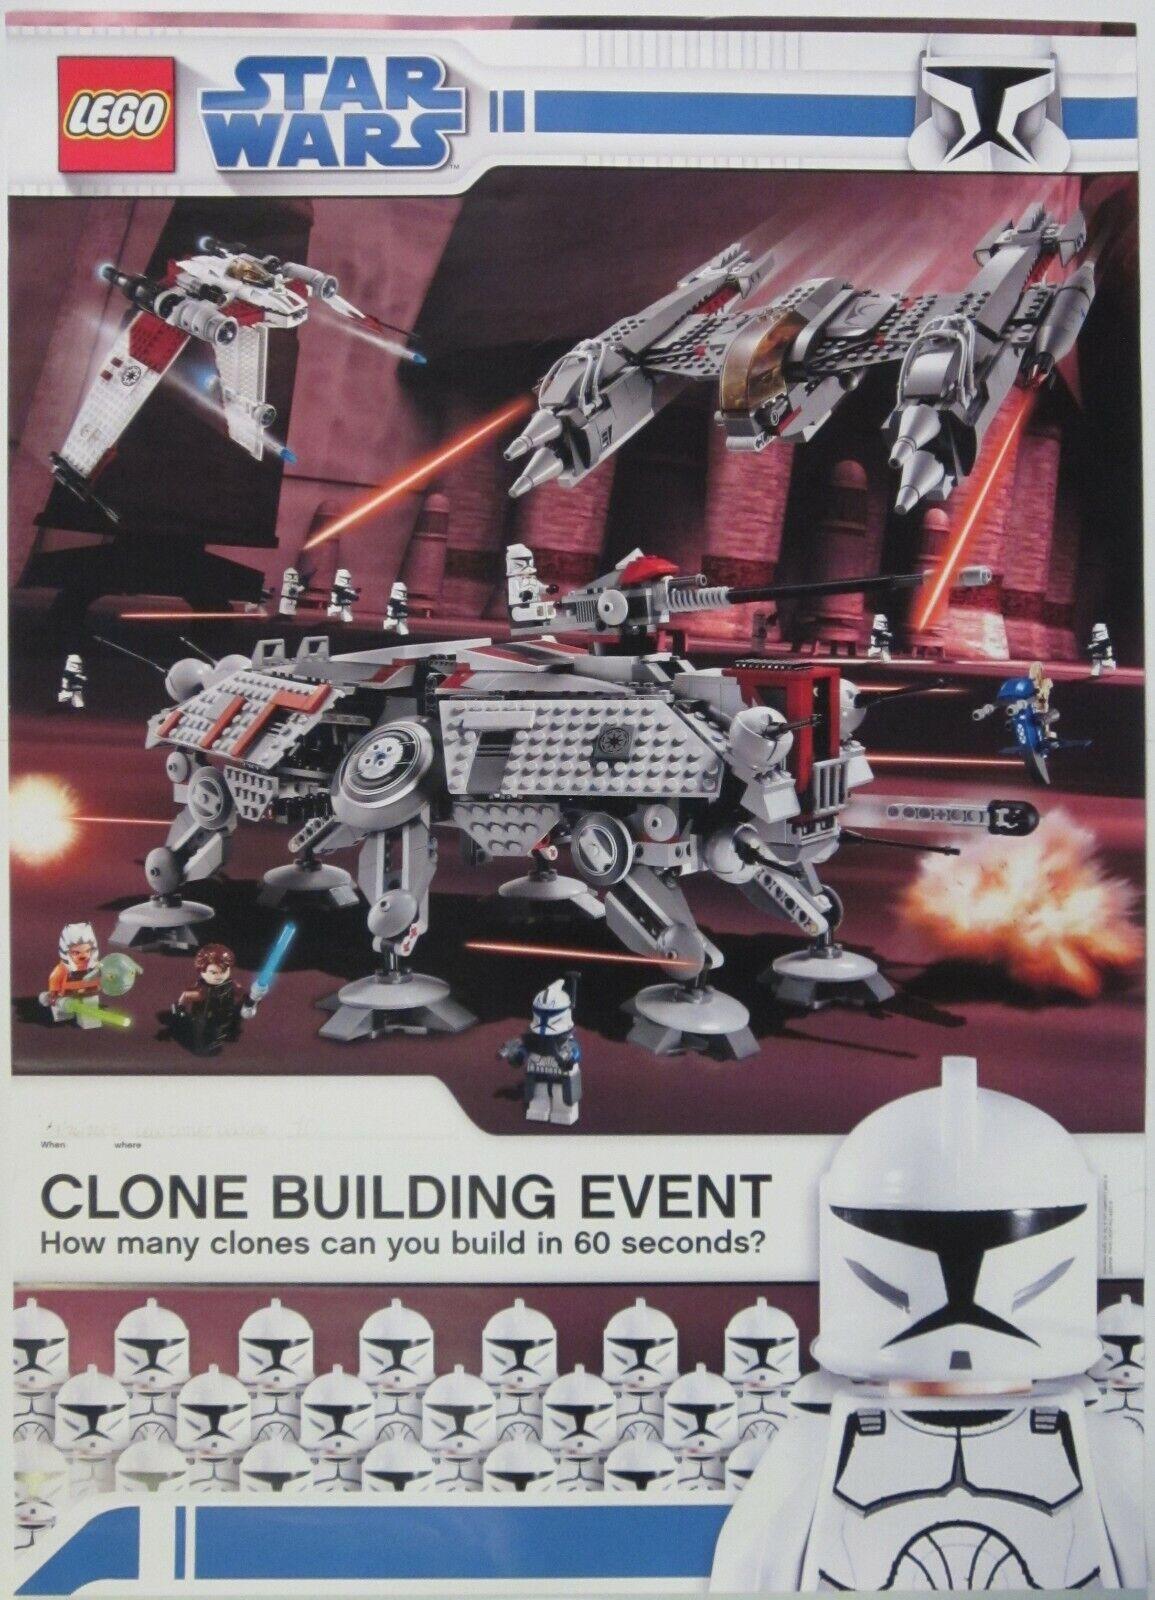 Rare 2008 Lego estrella guerras The Clone  guerras Clone costruzione Event Poster 23.5 x33   migliori prezzi e stili più freschi